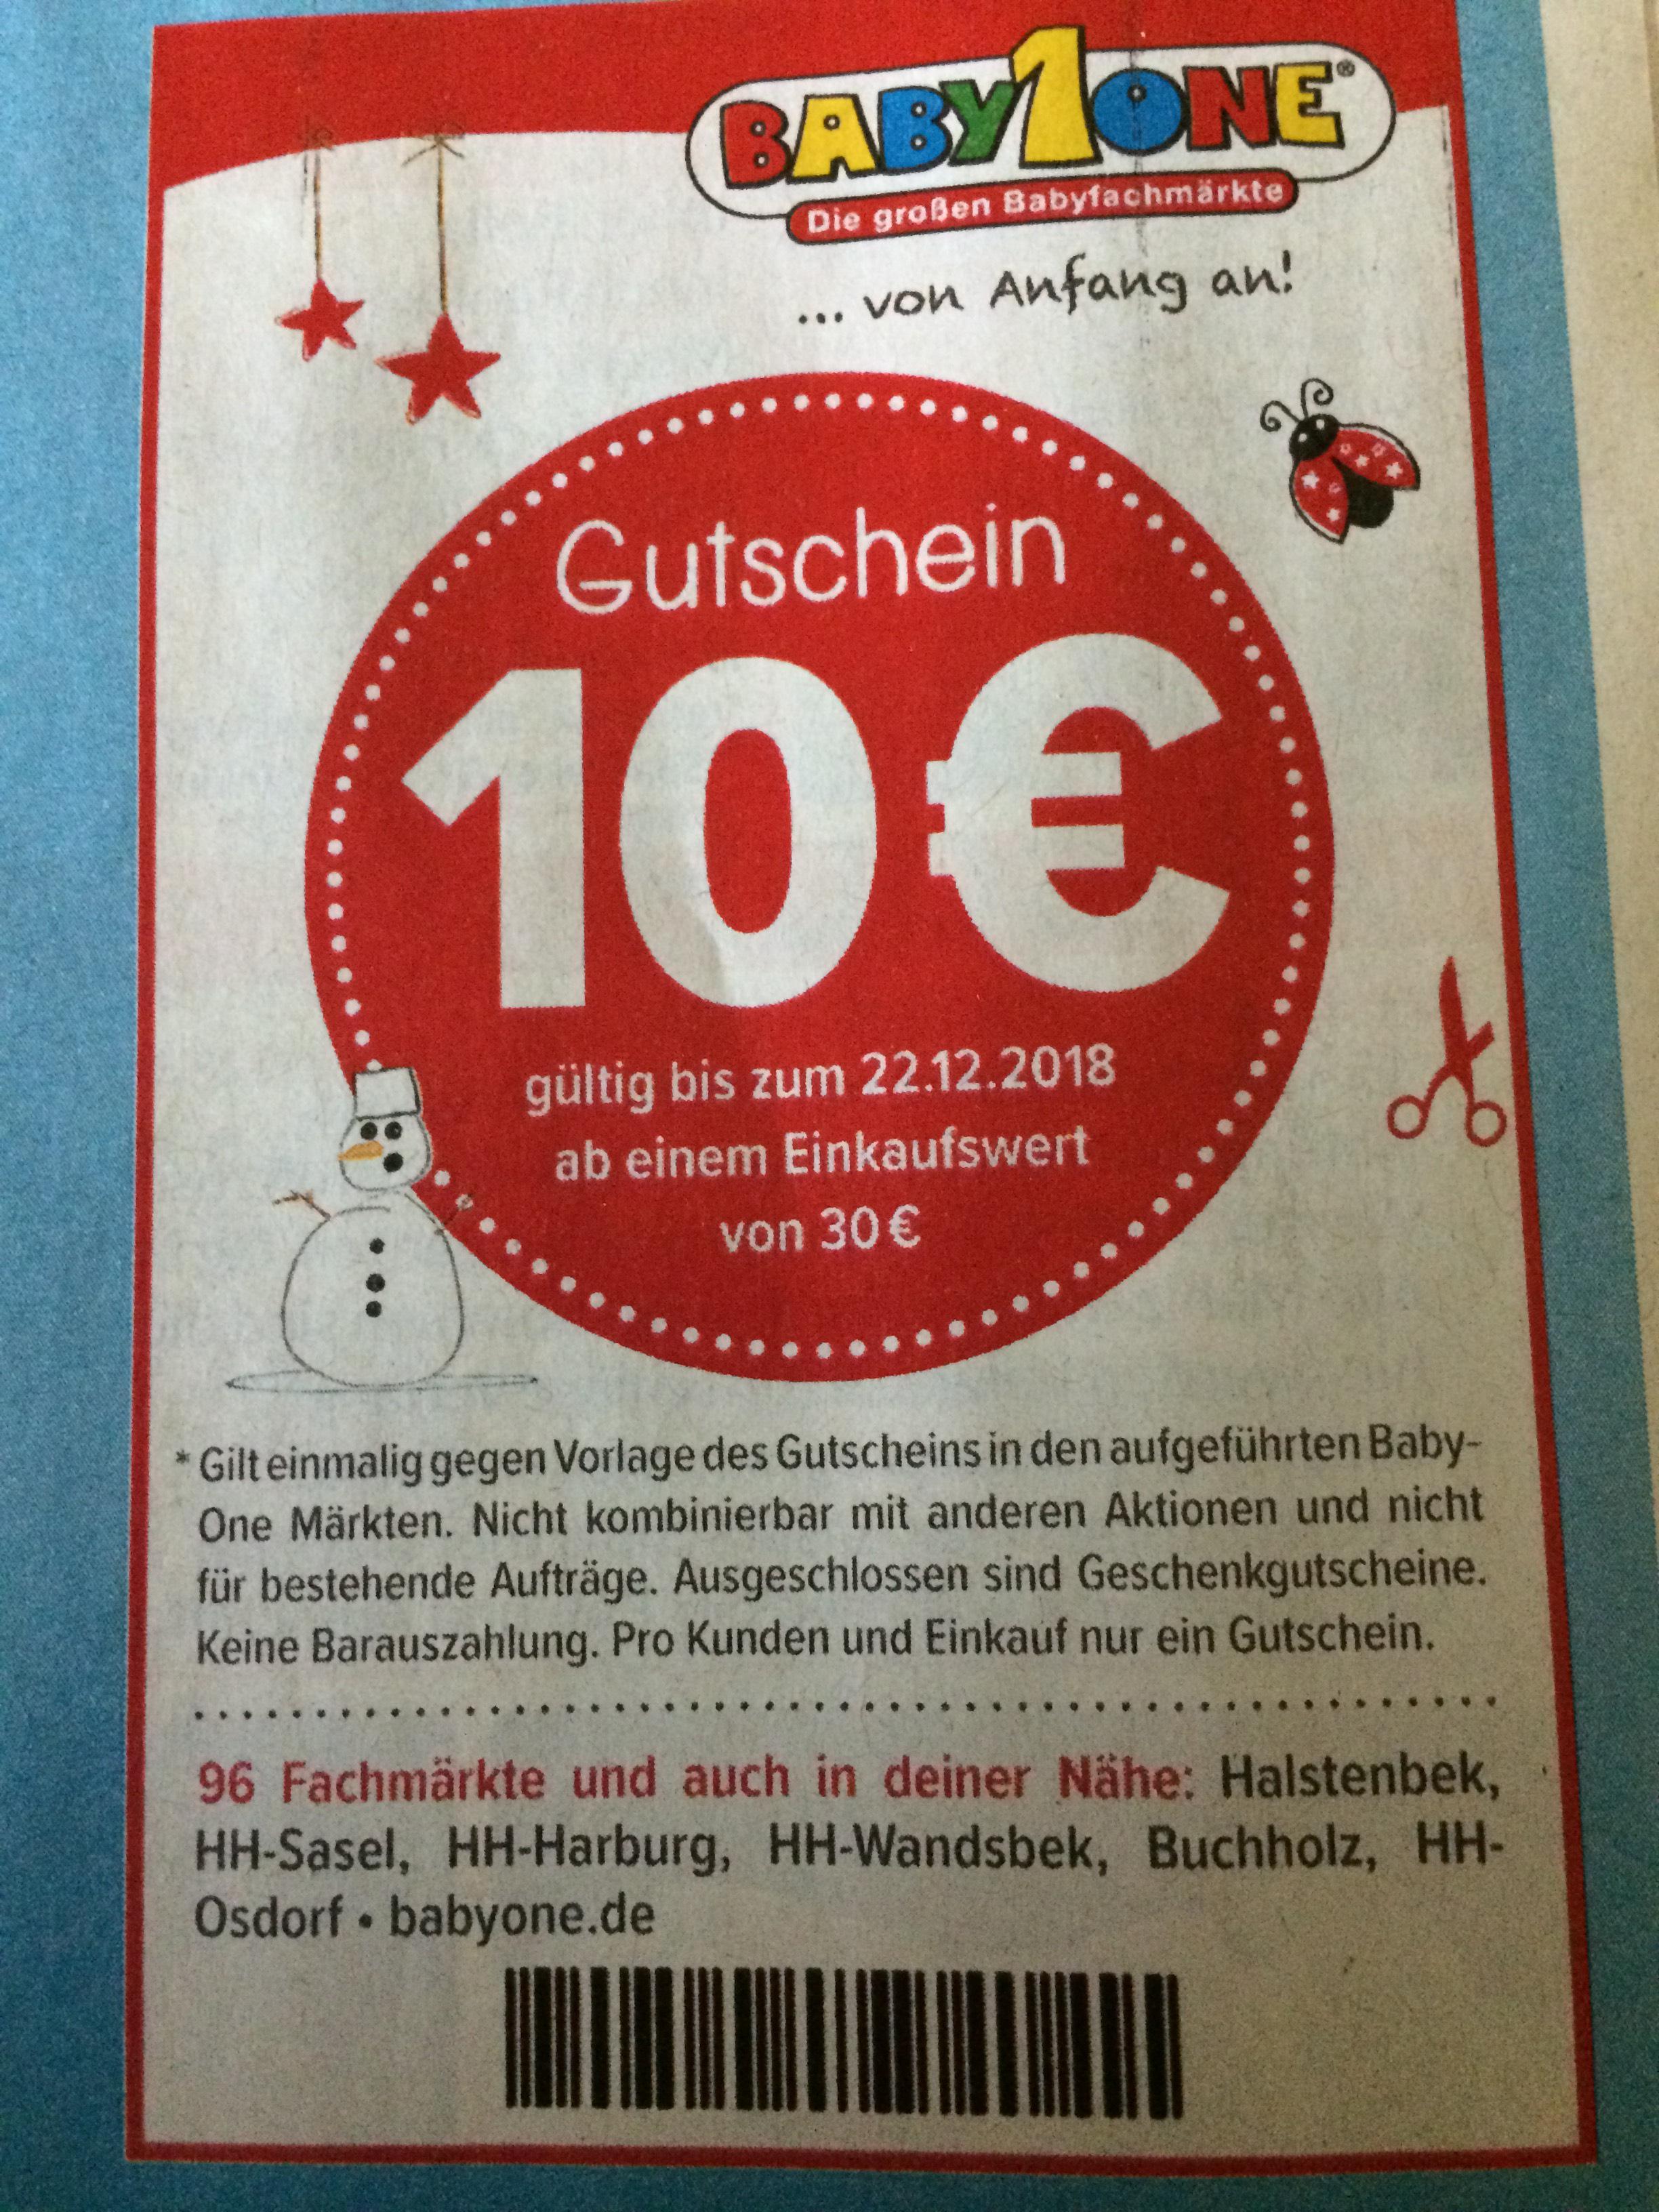 Lokal Hamburg Baby one 10€ Gutschein ab 30€